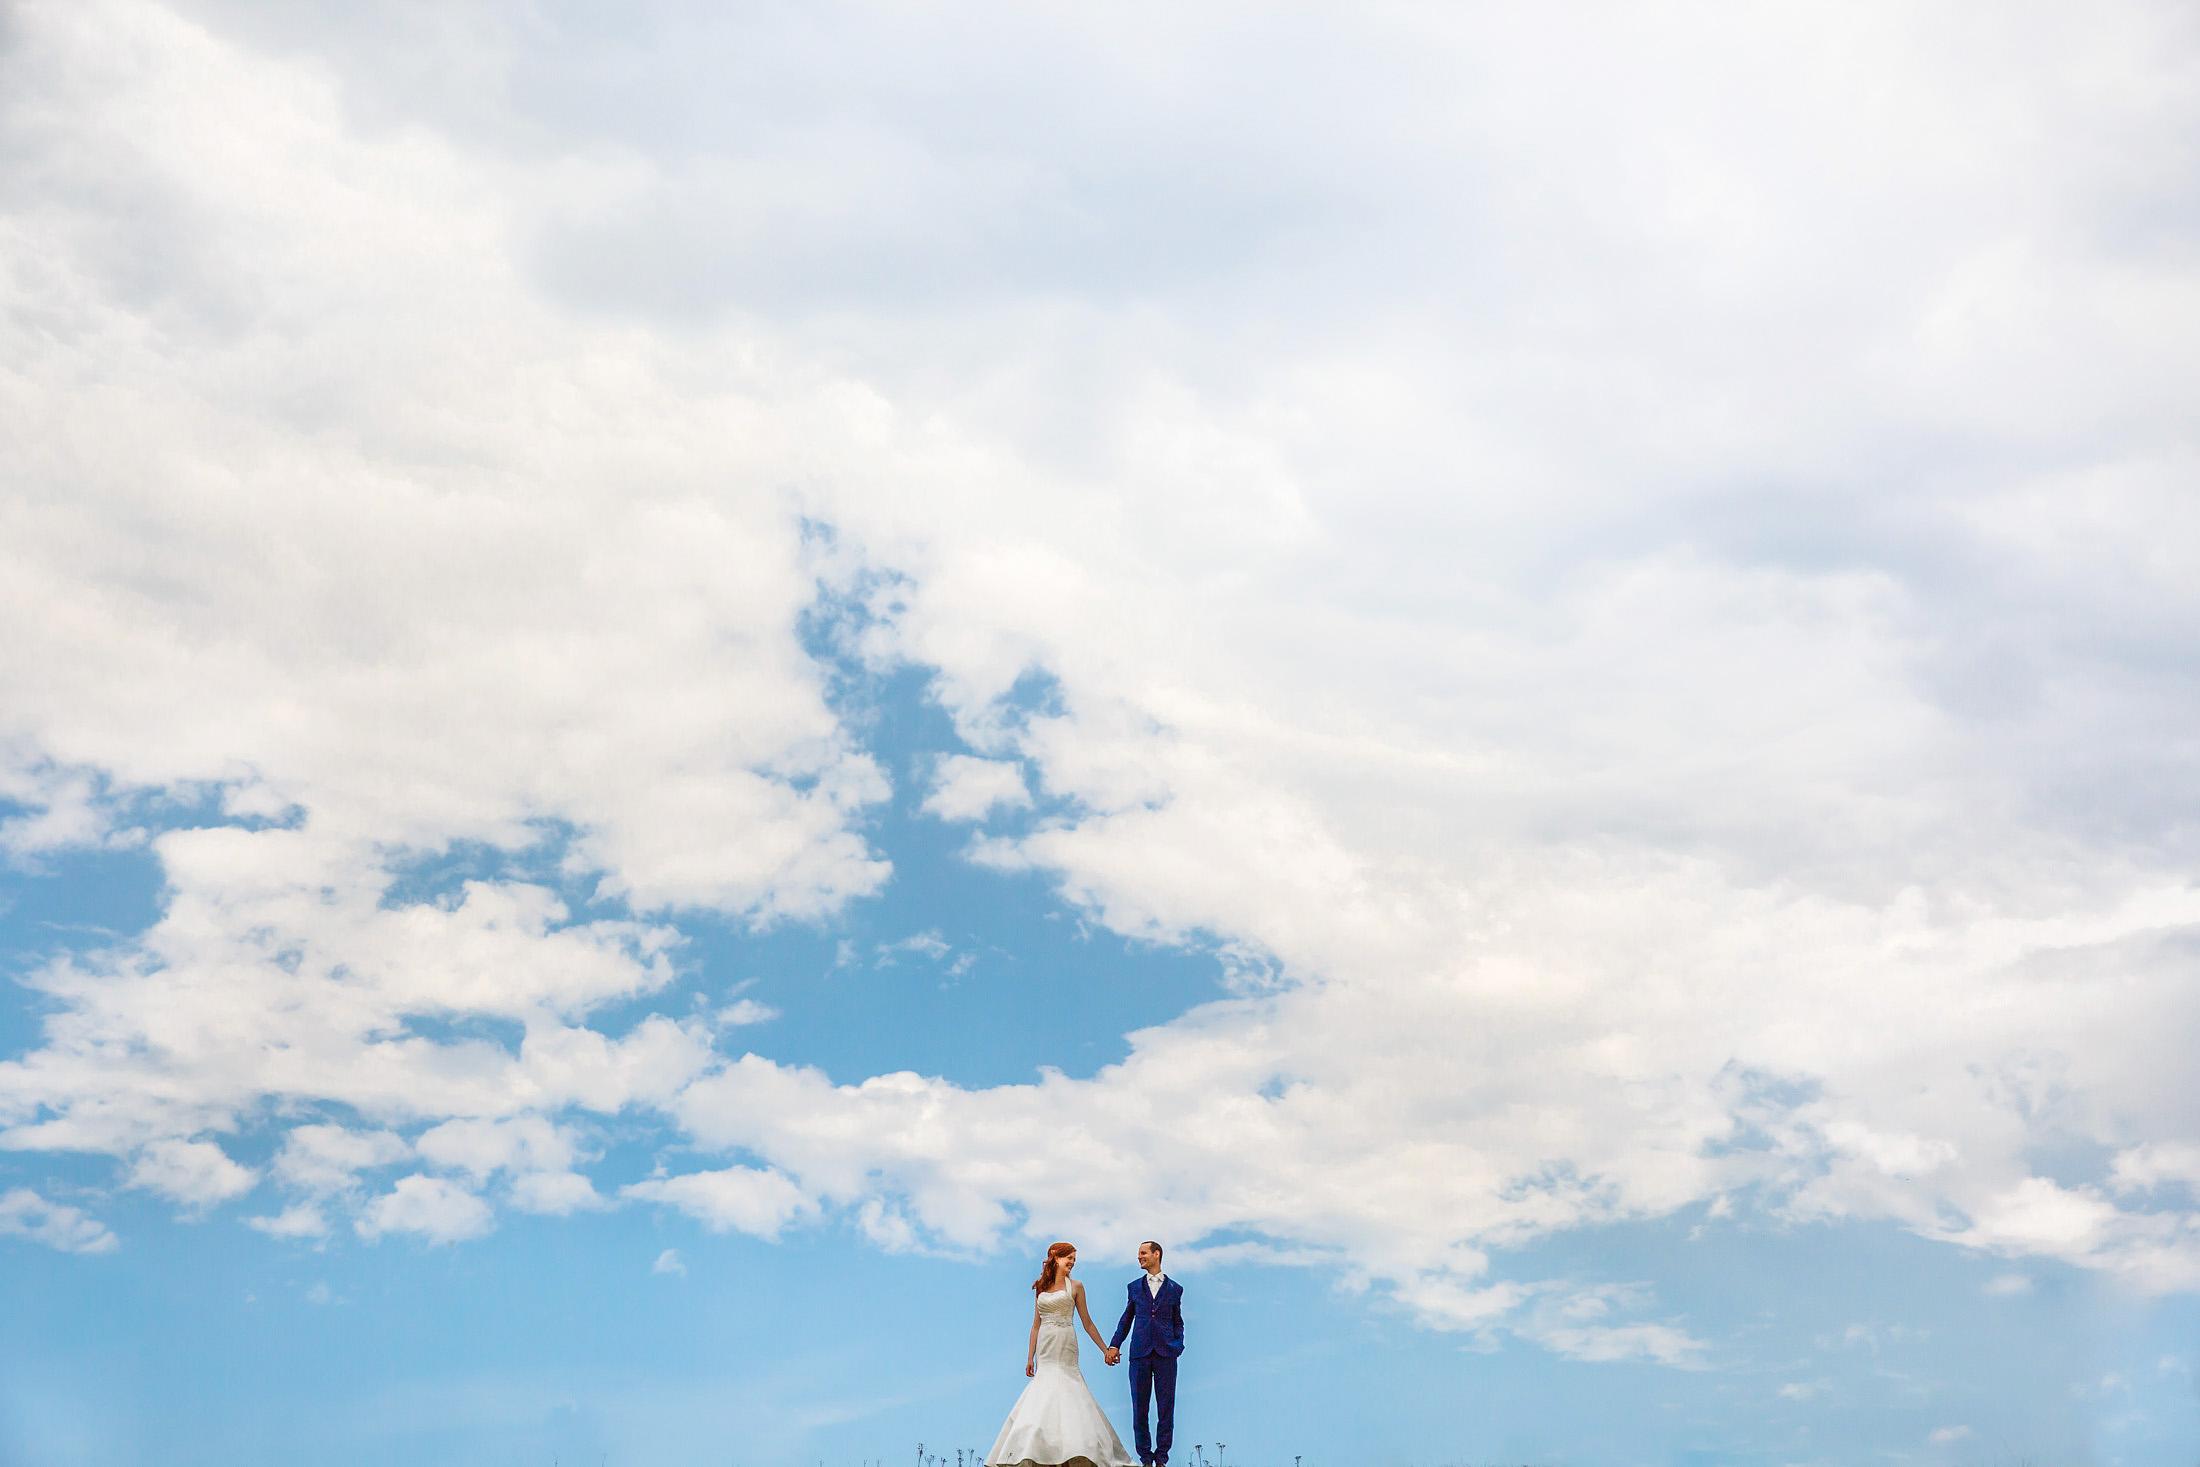 18-Bruiloft-Fotoshoot-Duinen-Zandvoort